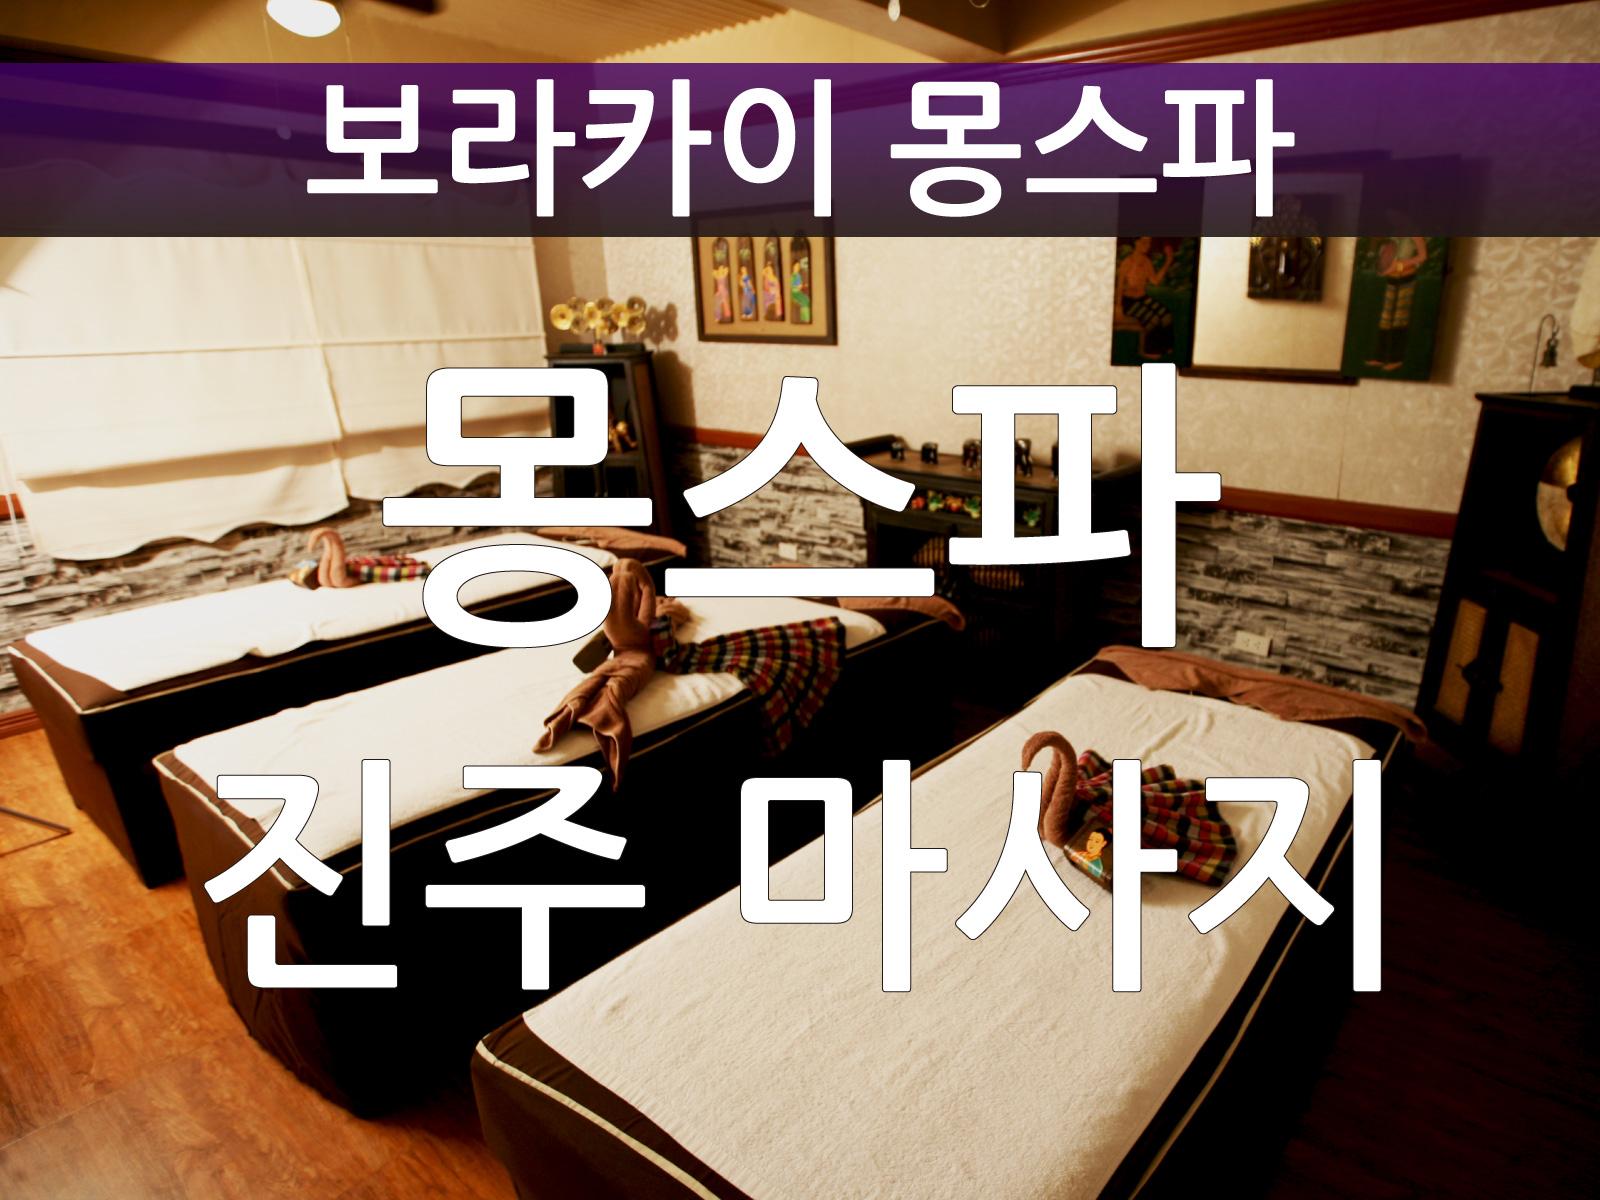 [보라카이 마사지] 몽스파 - 진주마사지 - 1시간 15분